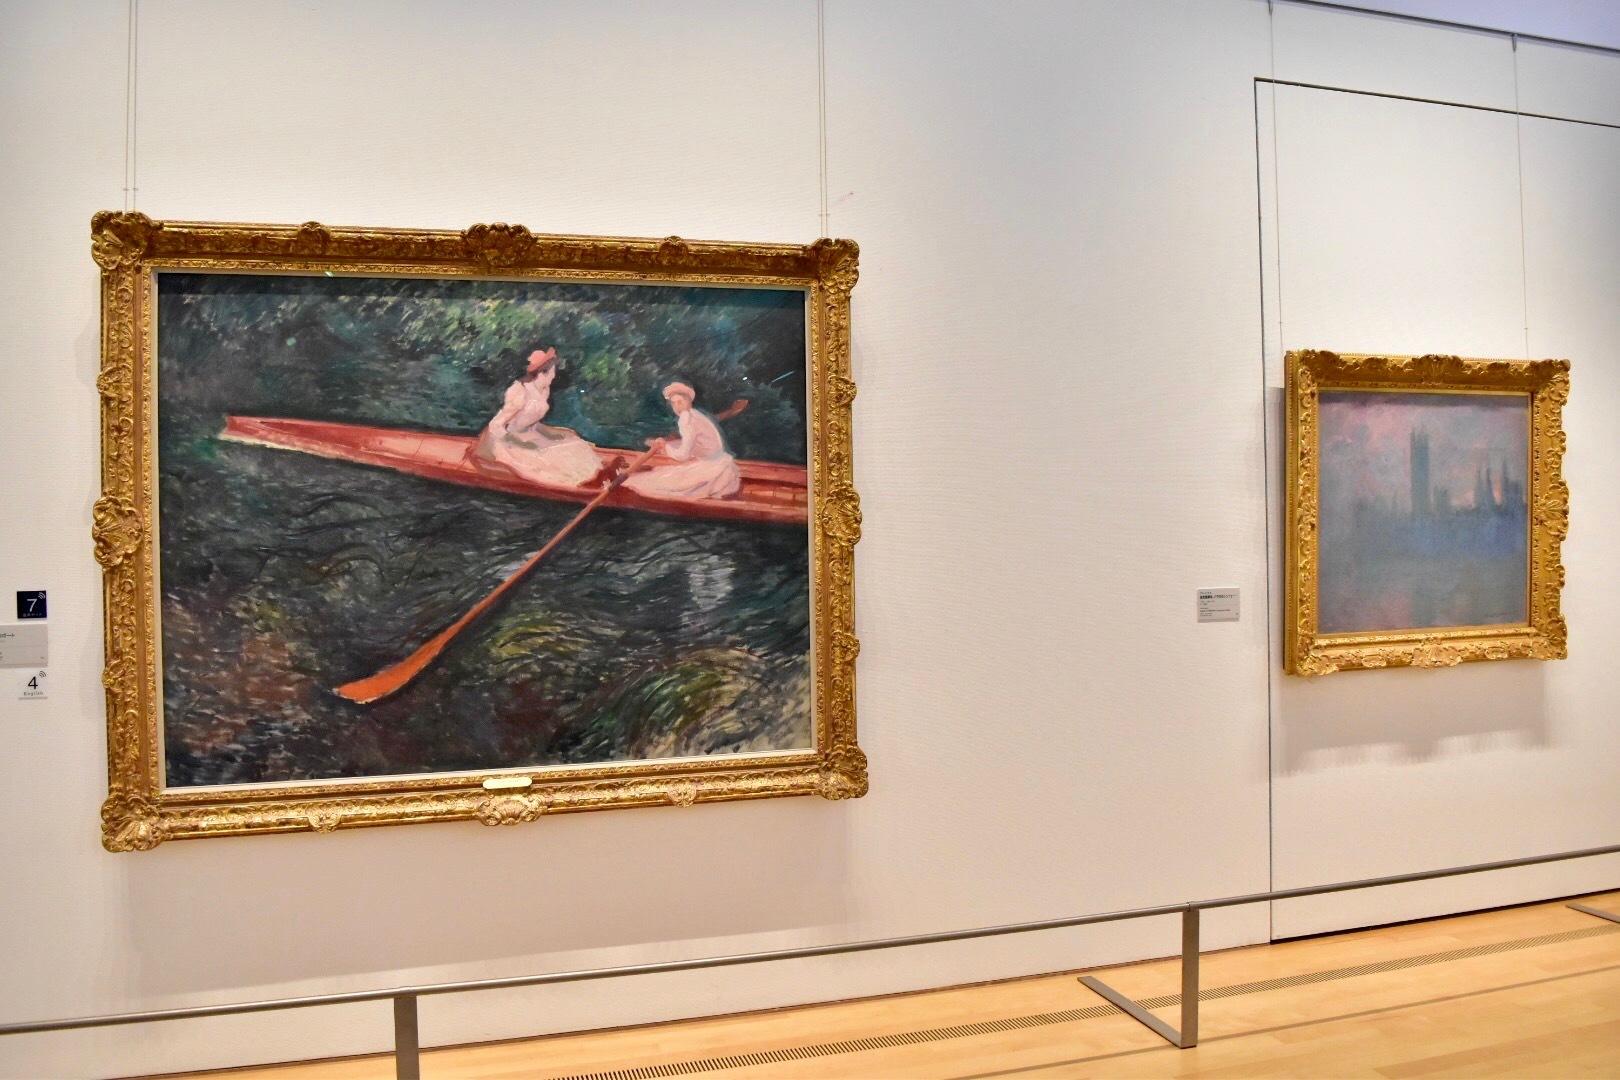 左:クロード・モネ 《バラ色のボート》1890年 ポーラ美術館 右:クロード・モネ 《国会議事堂、バラ色のシンフォニー》1900年 ポーラ美術館